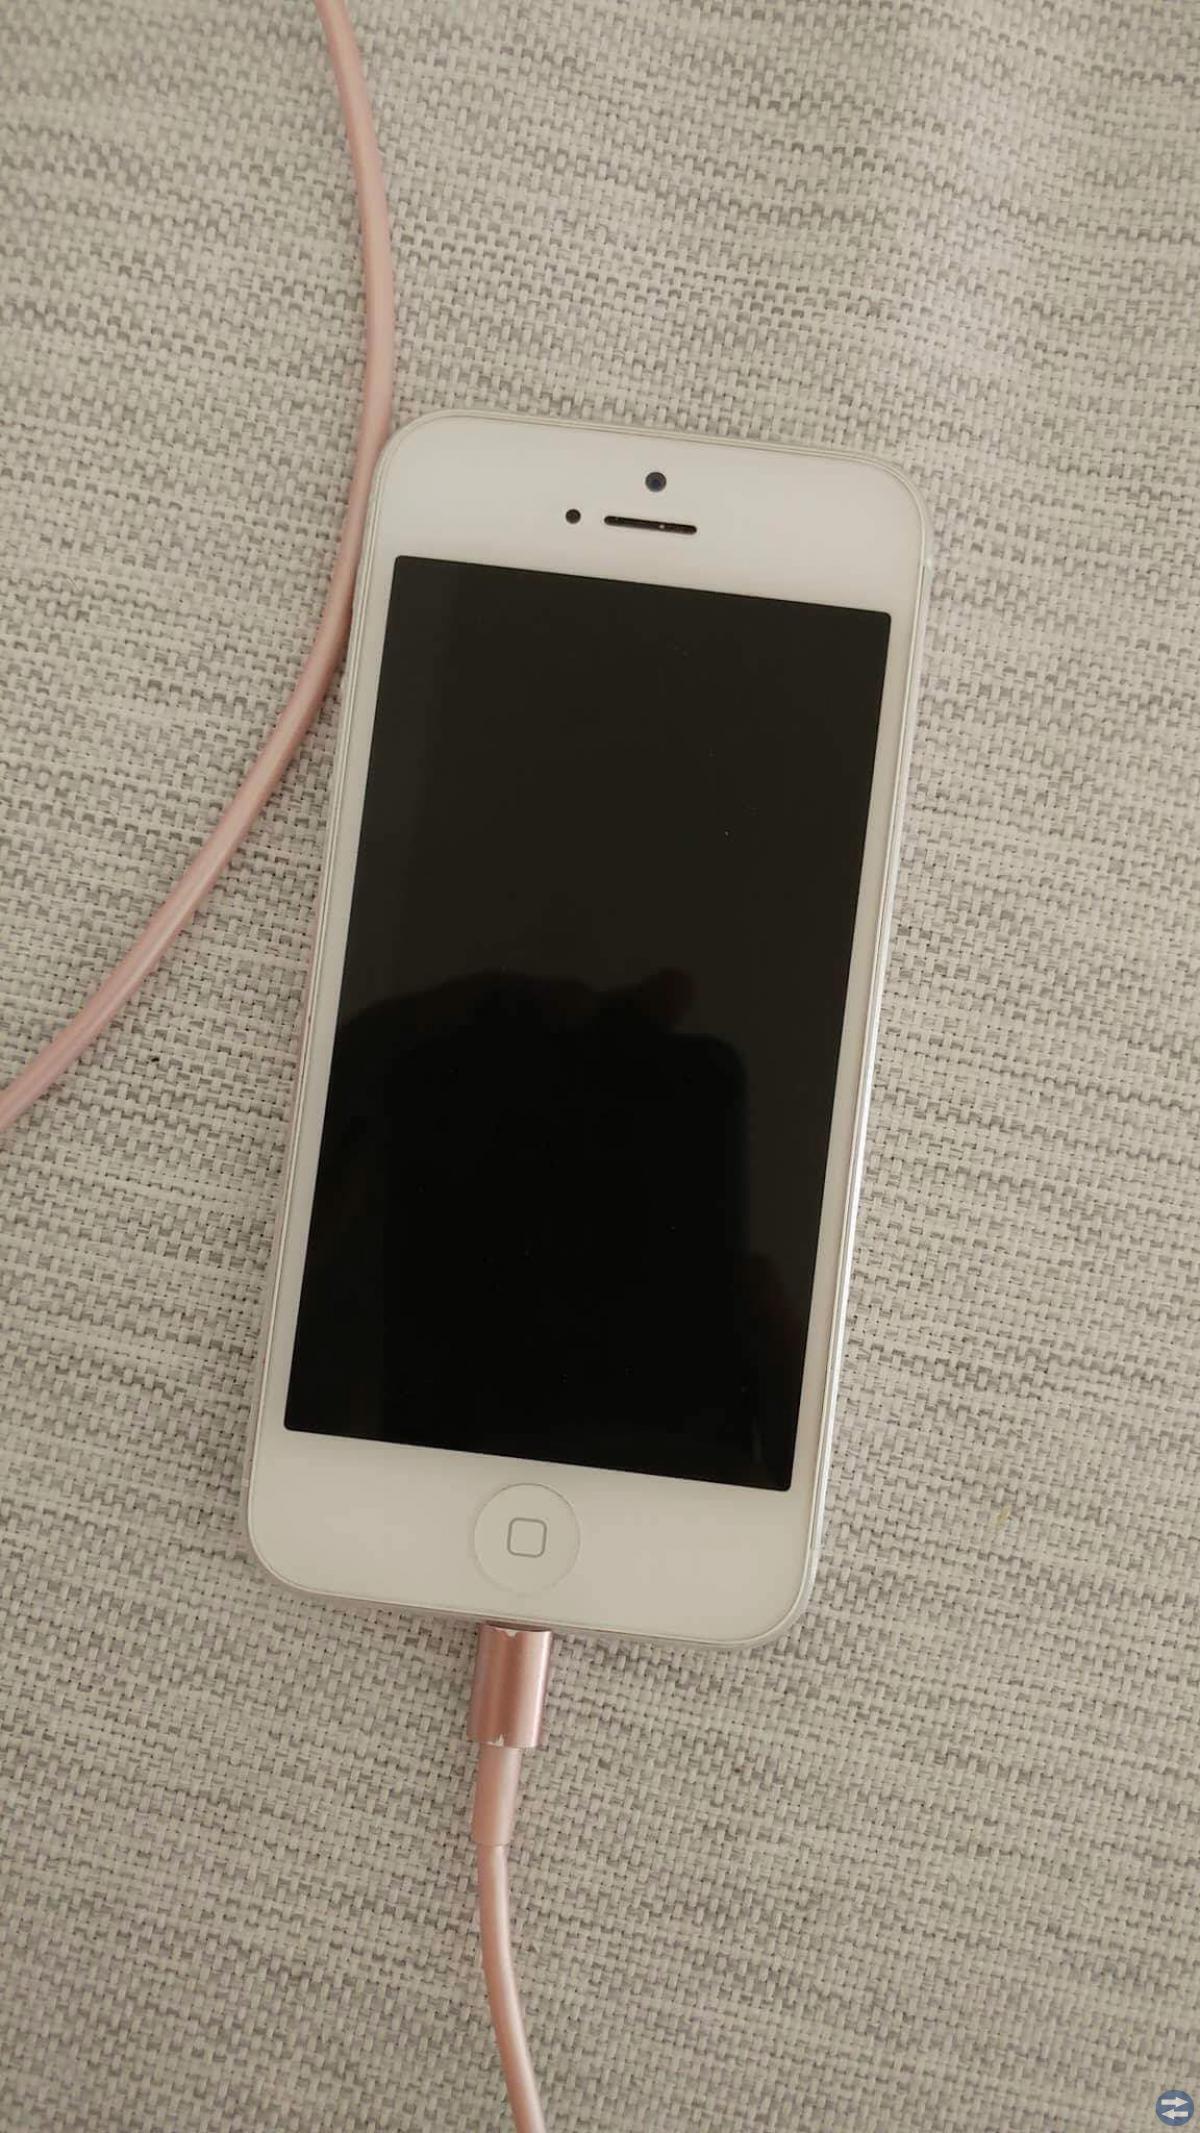 IPhone 5, 16GB